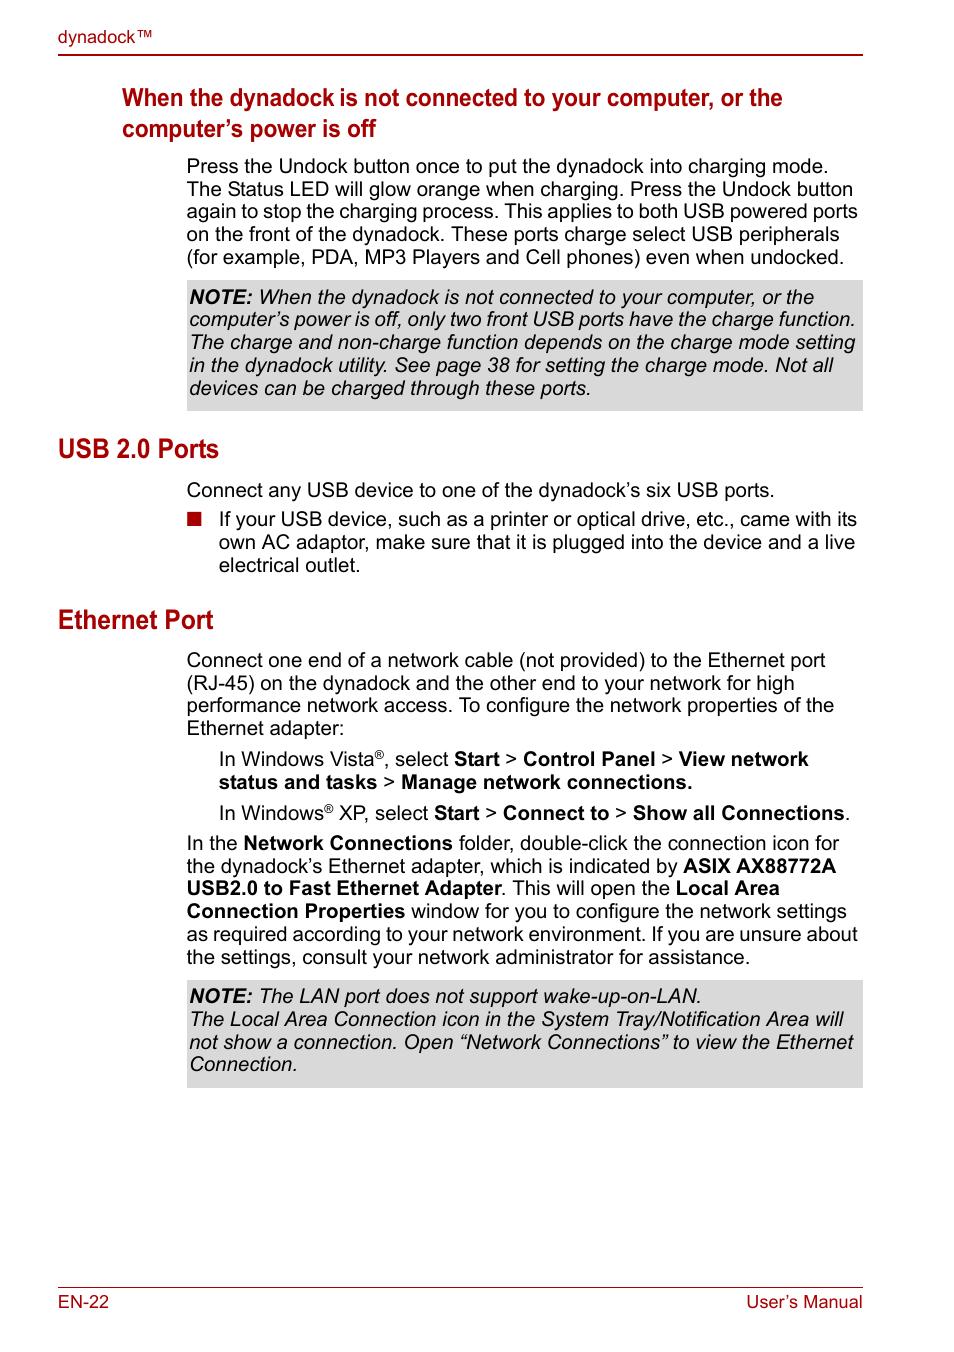 usb 2 0 ports ethernet port usb 2 0 ports ethernet port toshiba rh manualsdir com